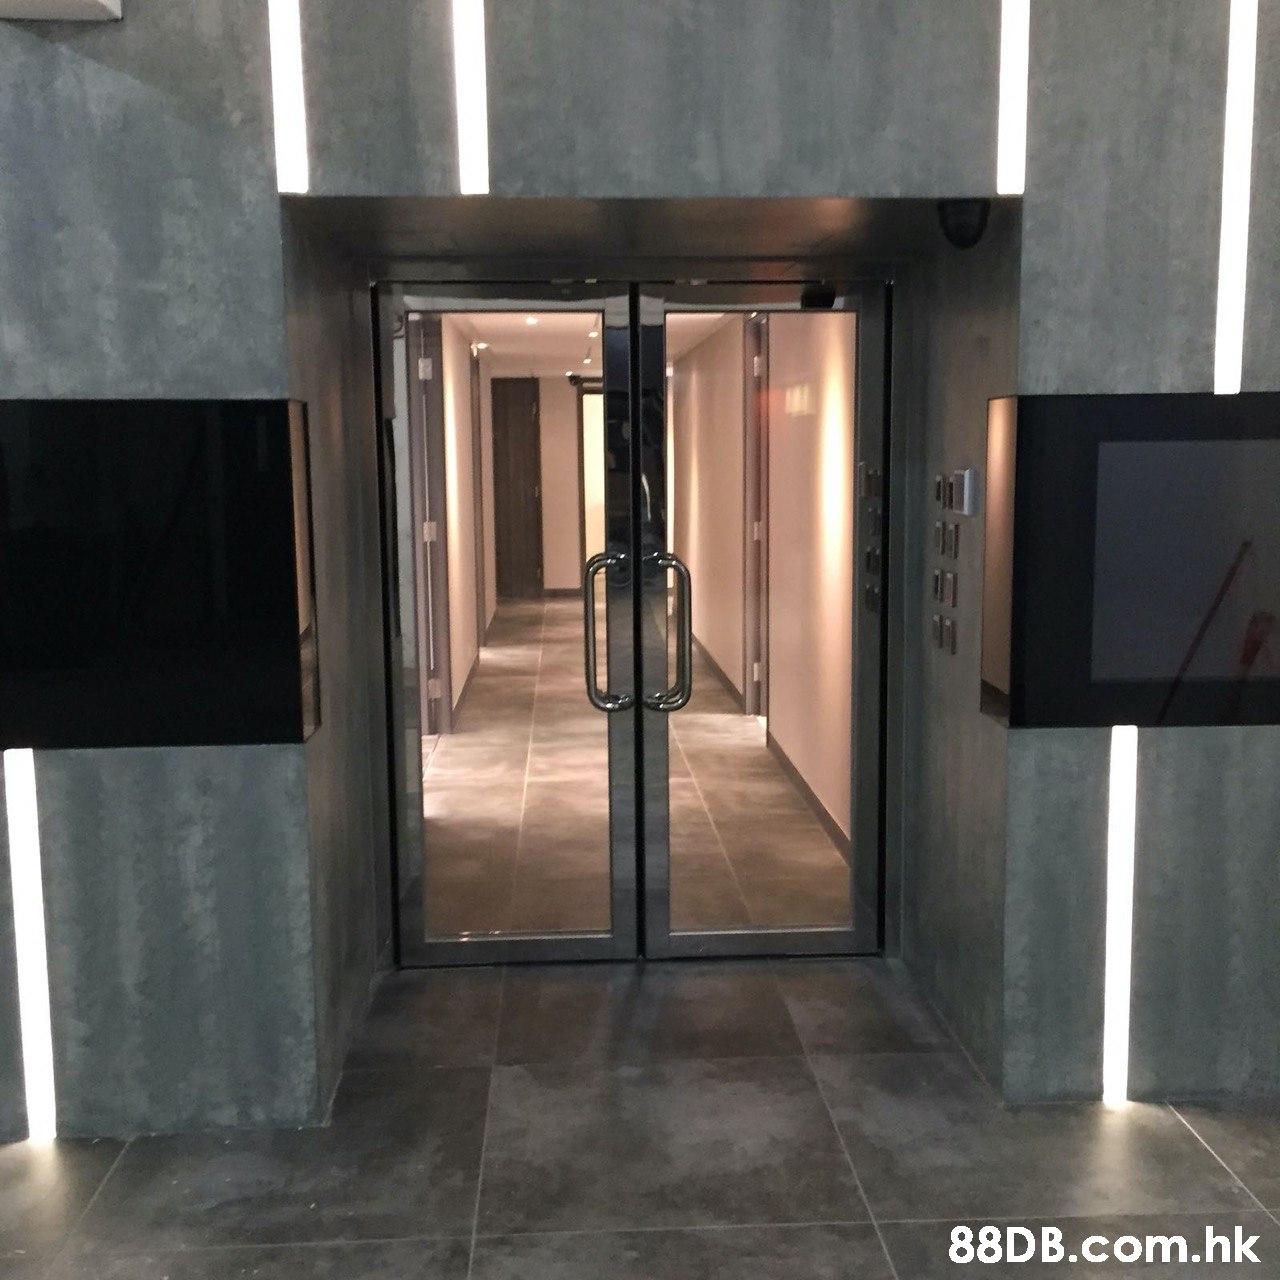 .hk  Property,Room,Door,Building,Floor